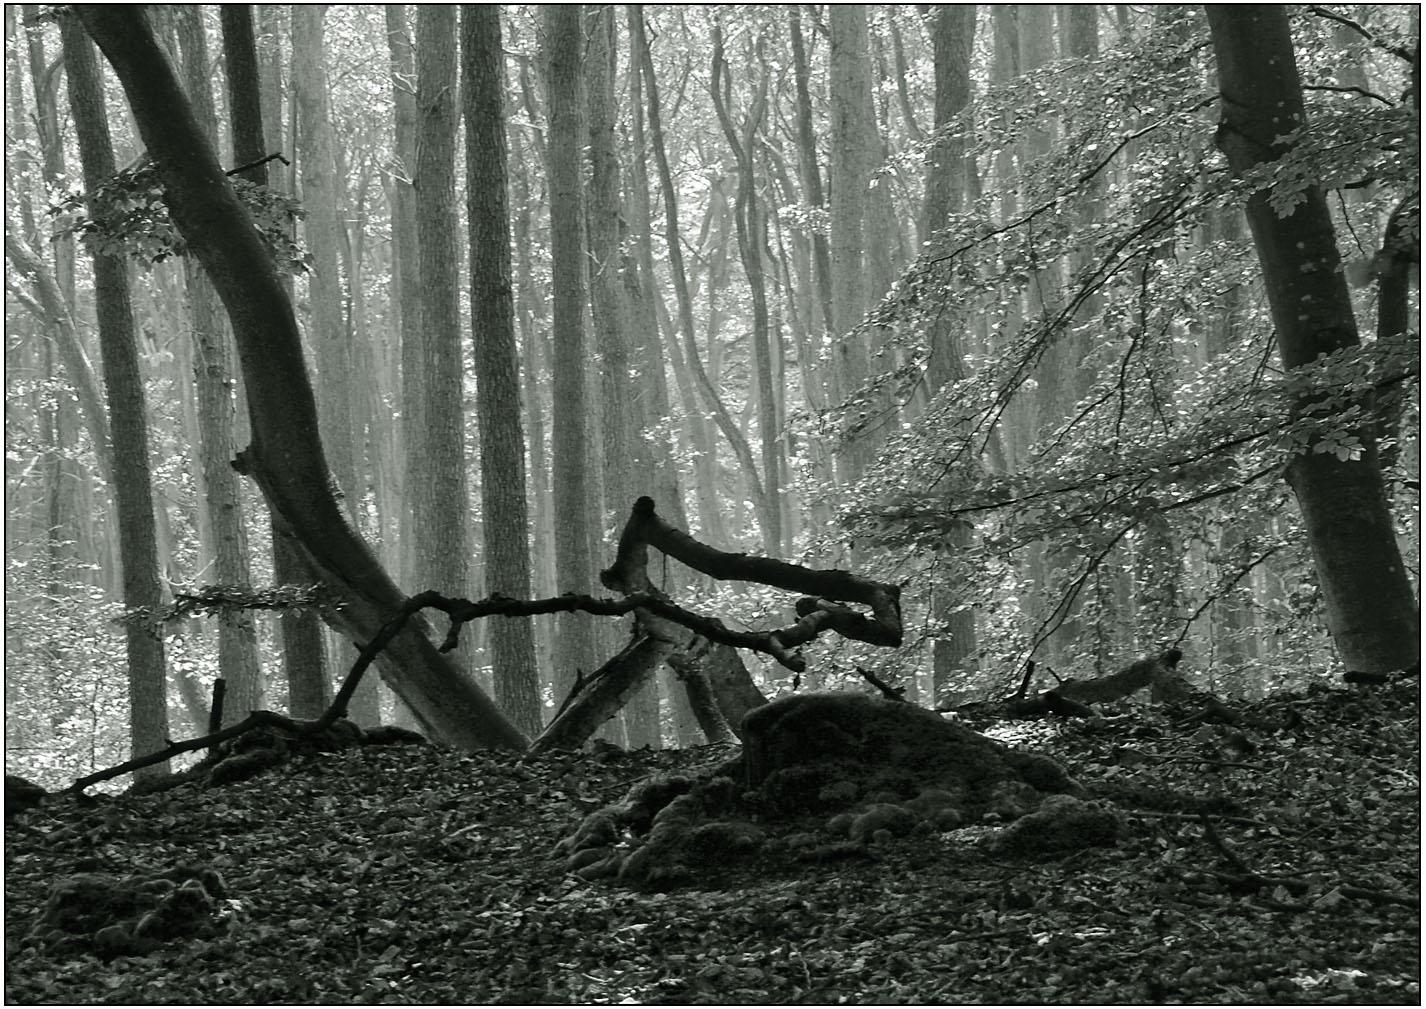 darßer urwald 12 foto  bild  landschaft wald natur